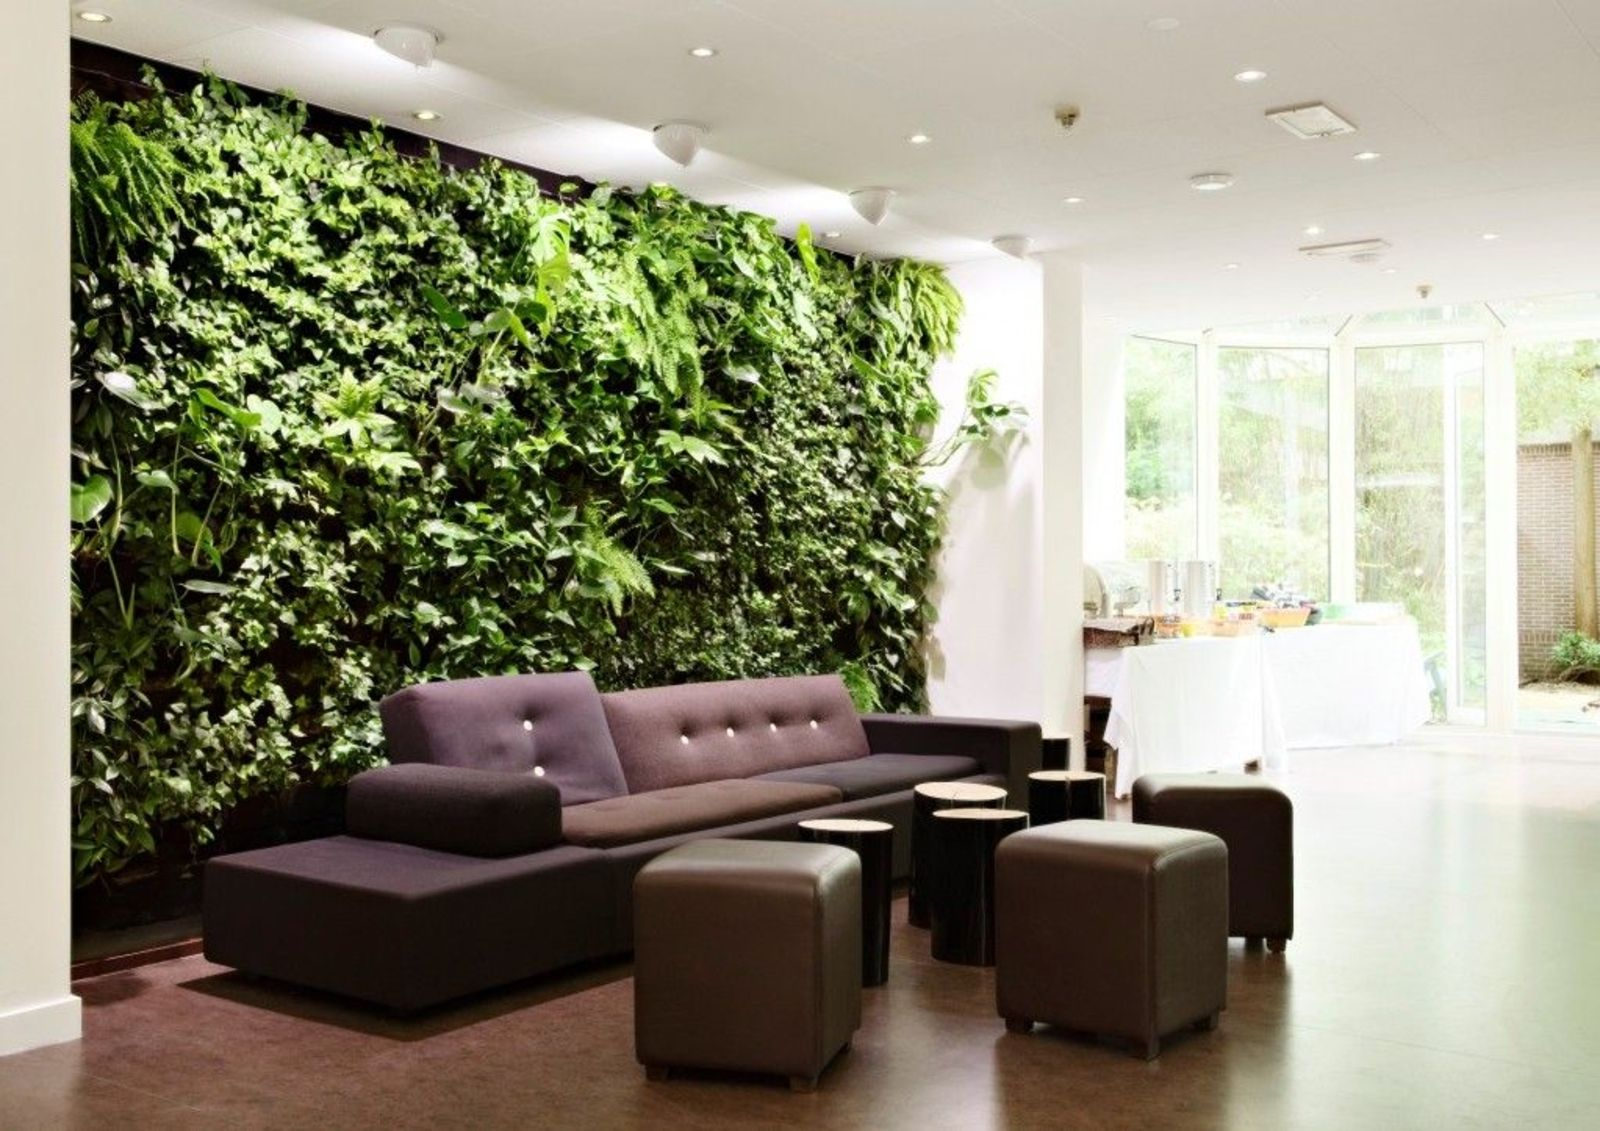 Garden wall | Modern House Interiors | Pinterest | Walled garden ...